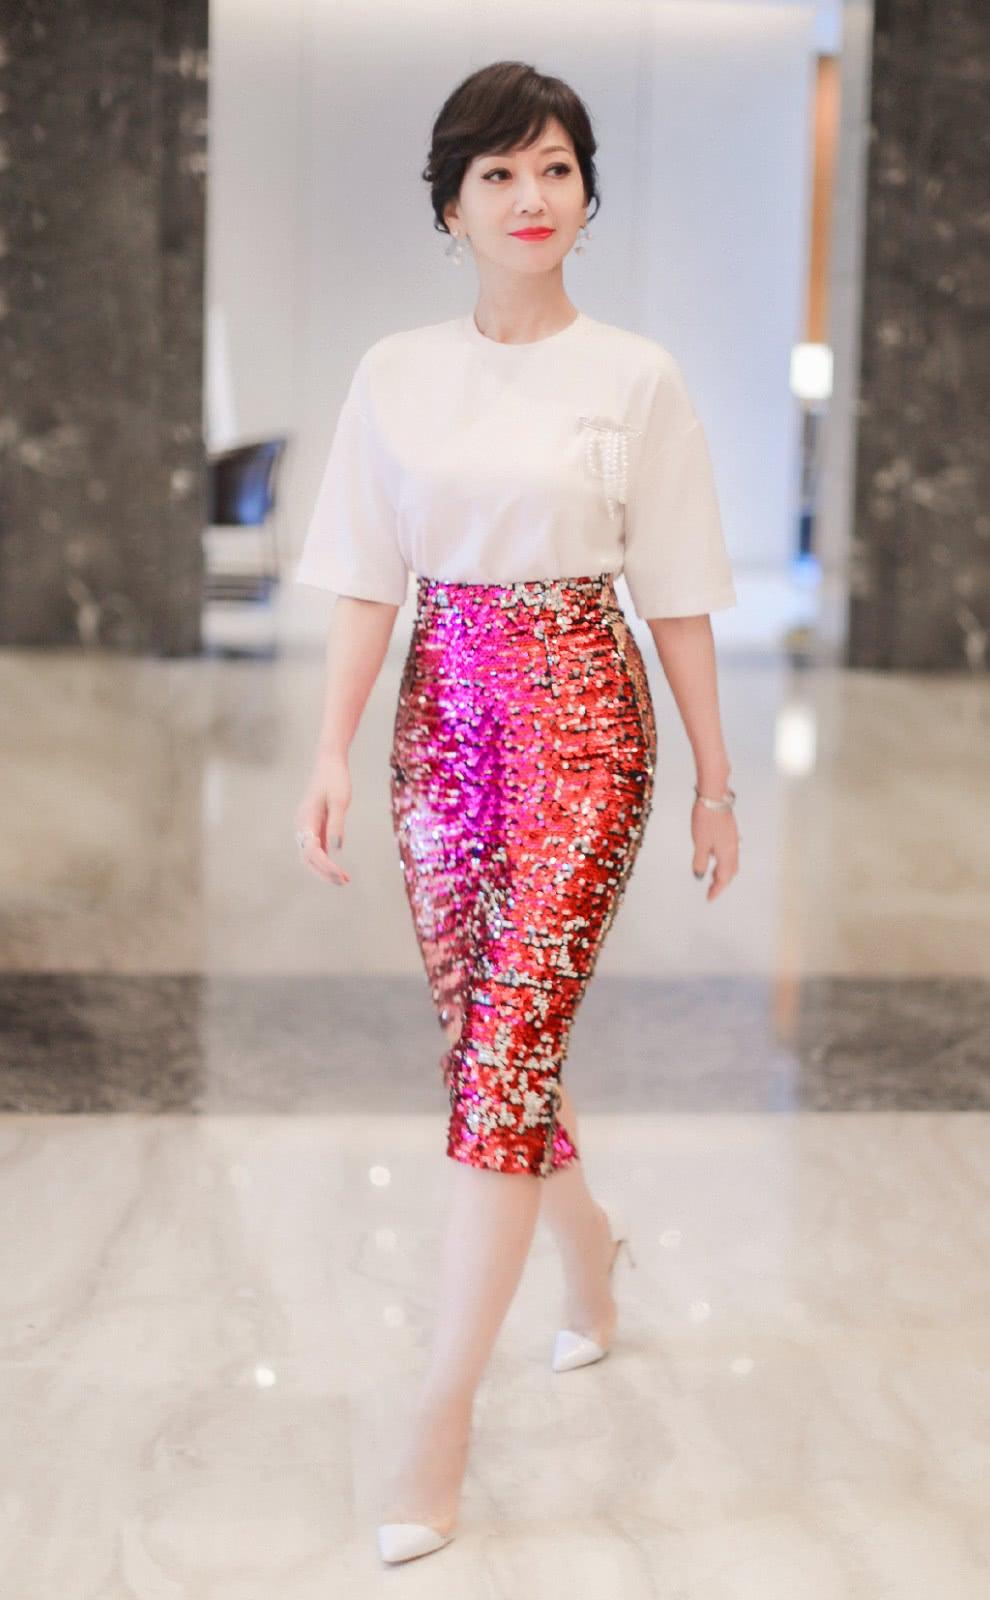 赵雅芝身材完胜少女,白T配红色亮片紧身裙,S型曲线赚足眼球